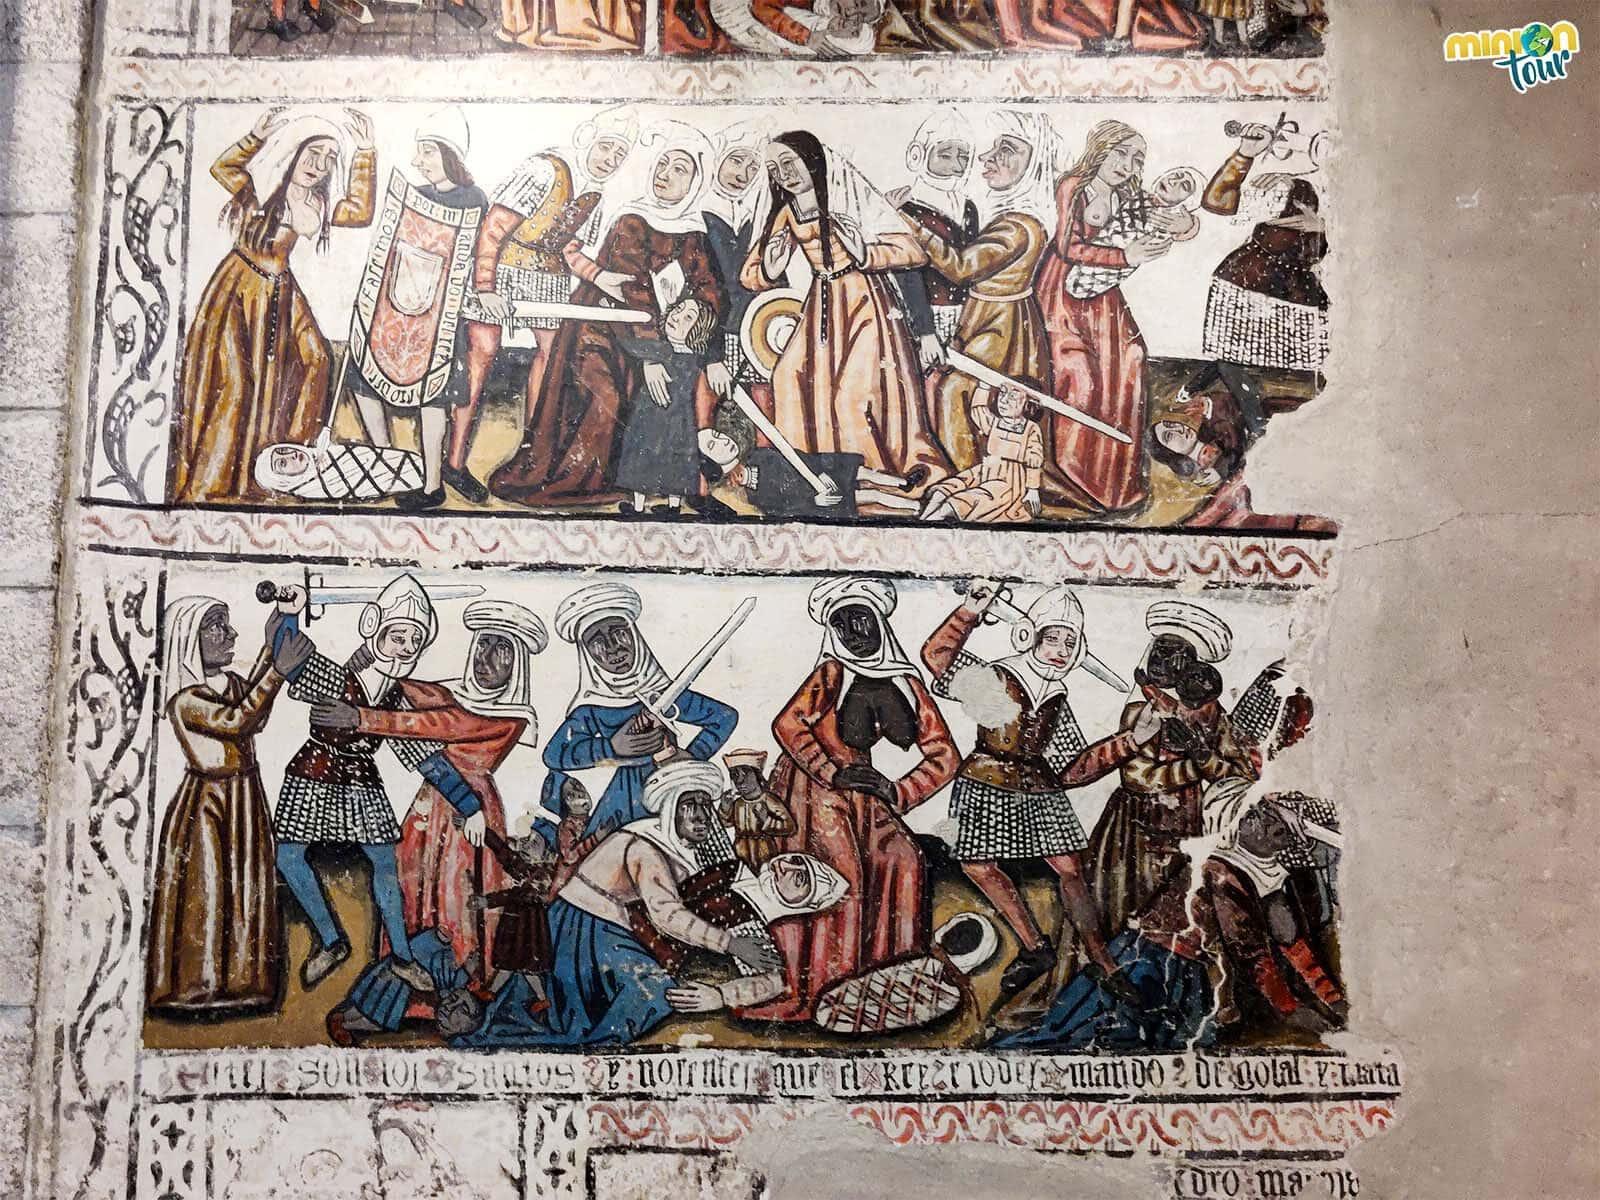 Las pinturas murales de la Catedral de Mondoñedo son una pasada